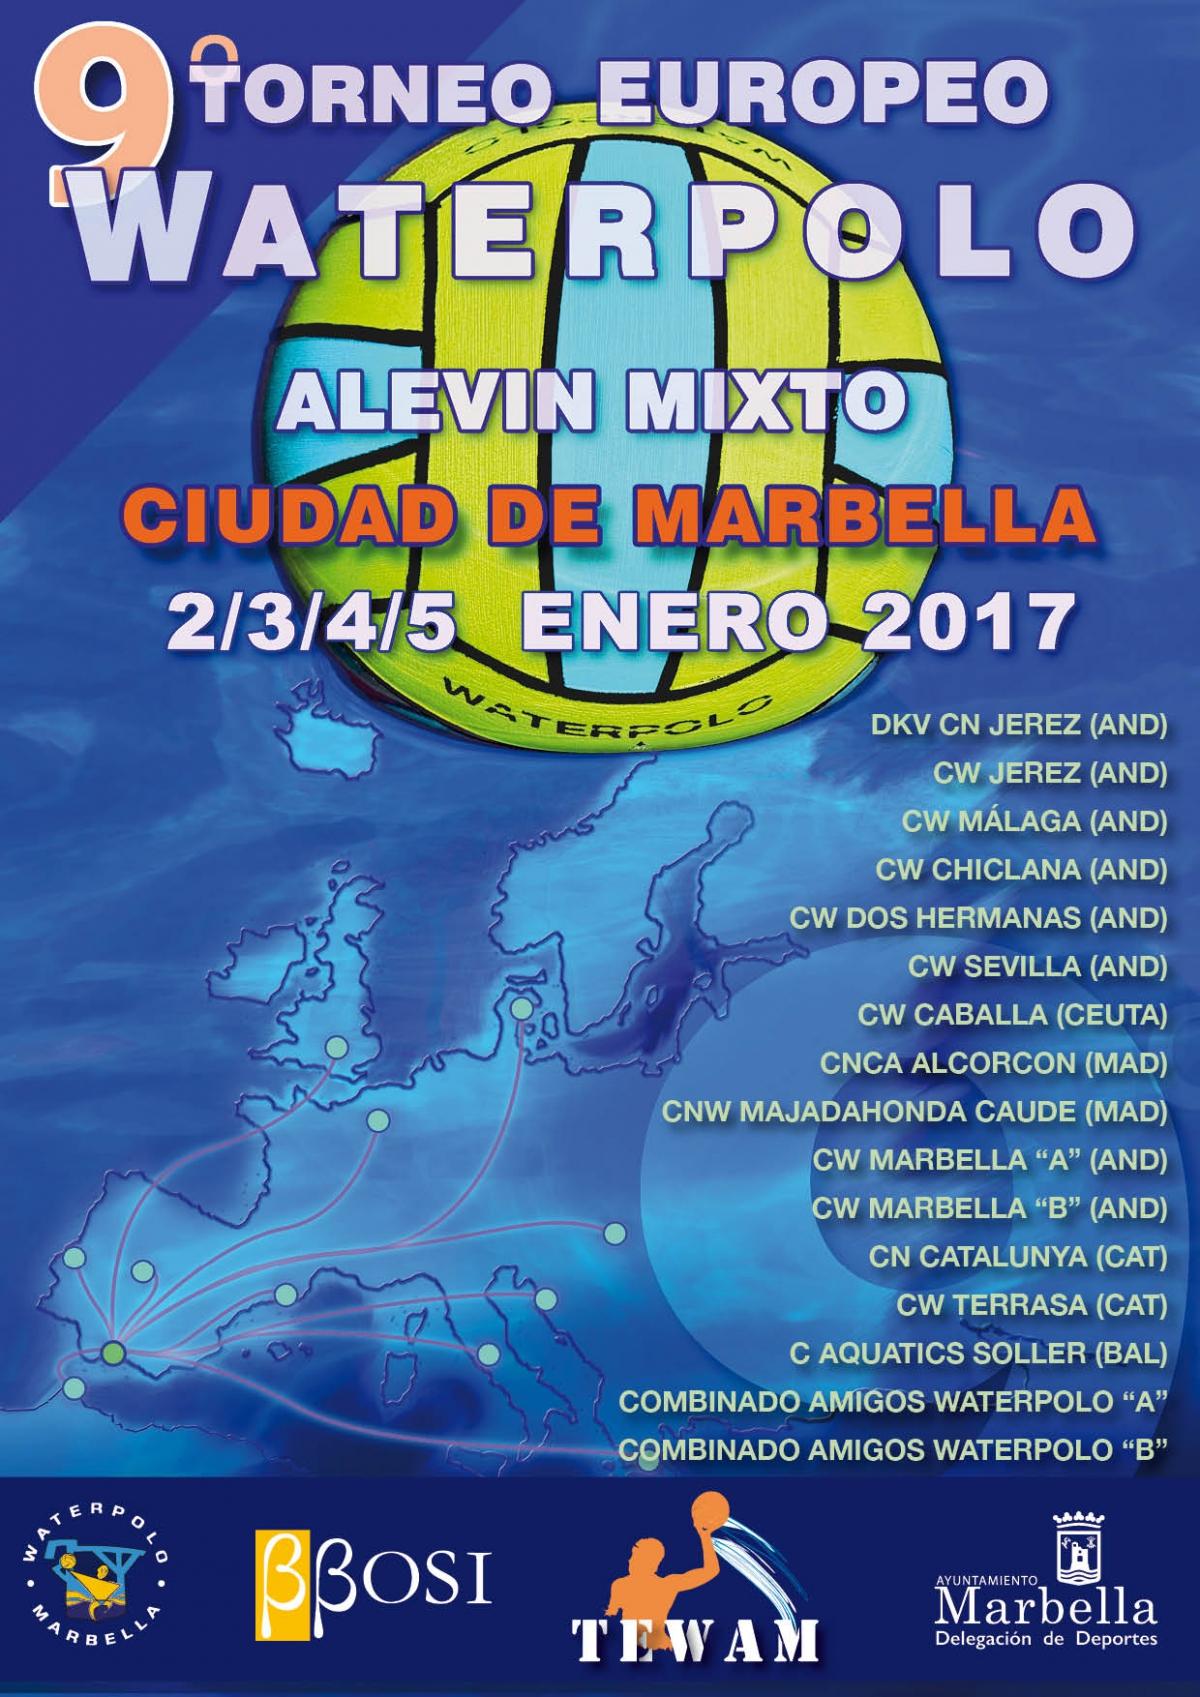 Cerca de 200 deportistas de 16 equipos participarán del 2 al 5 de enero en el IX Torneo Europeo Waterpolo Alevín Mixto Tewan 2017